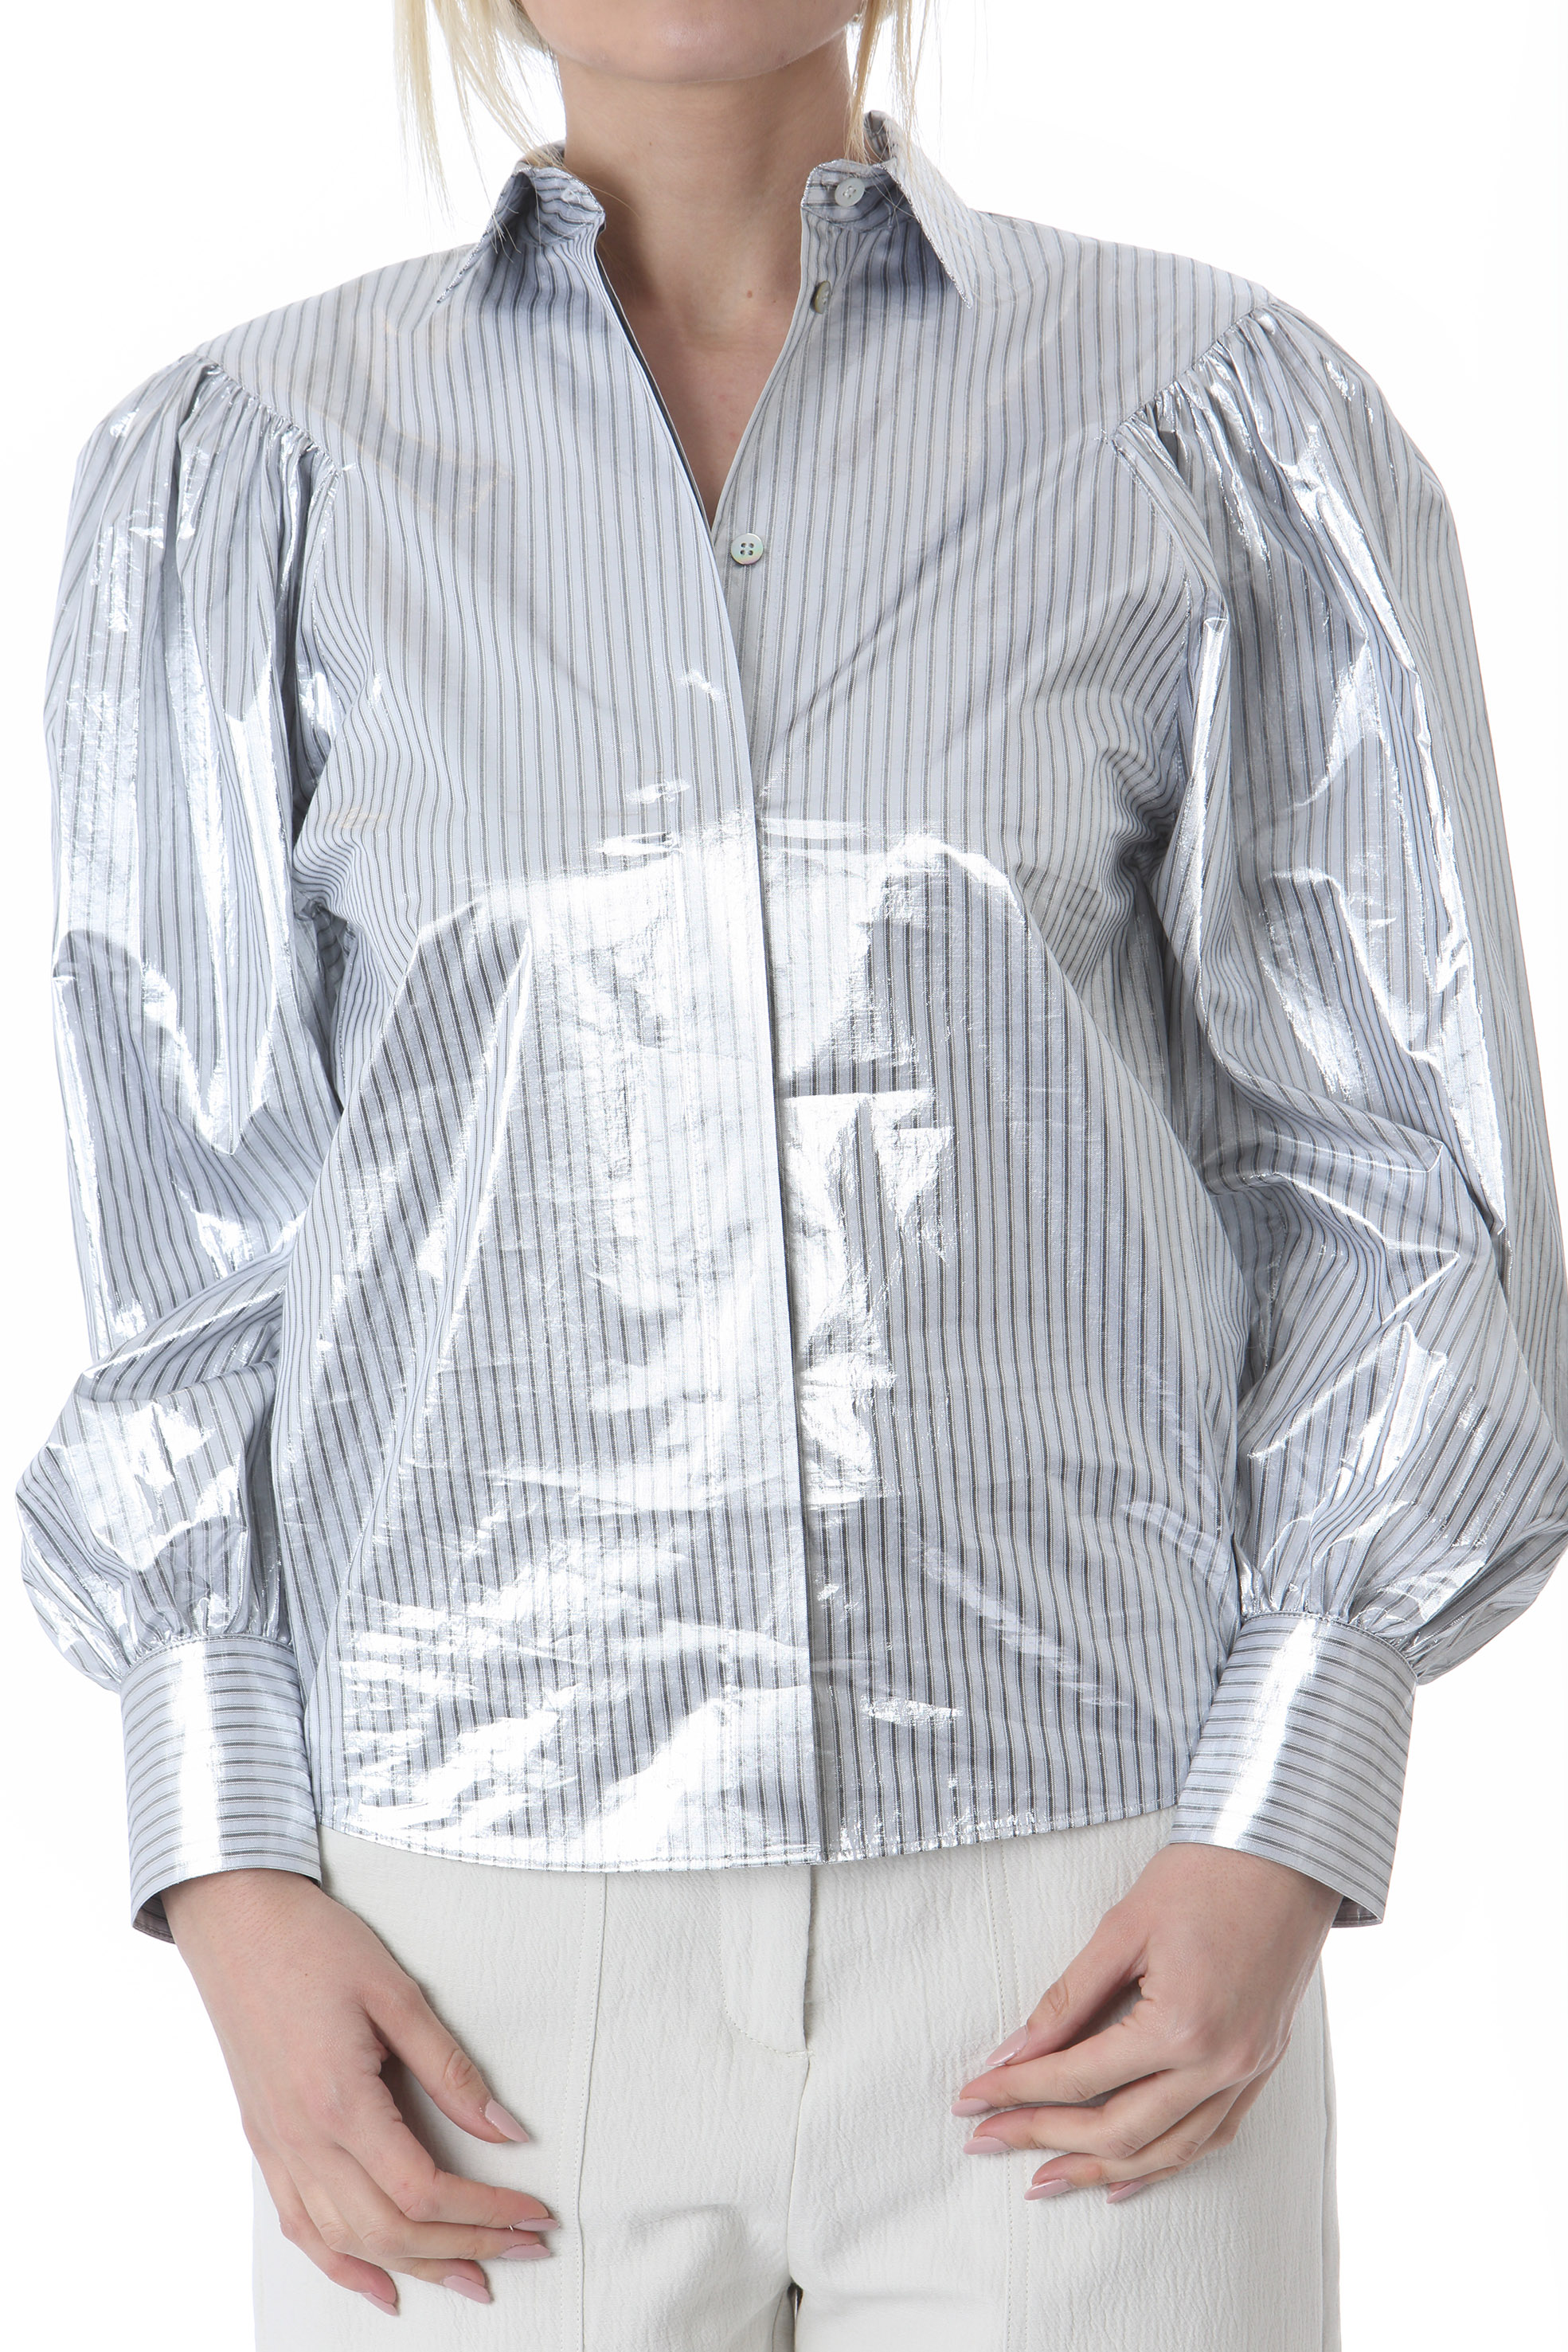 Camicia donna spalmata argento LES COYOTES DE PARIS | Camicie | MARCELLE-214-20-026593